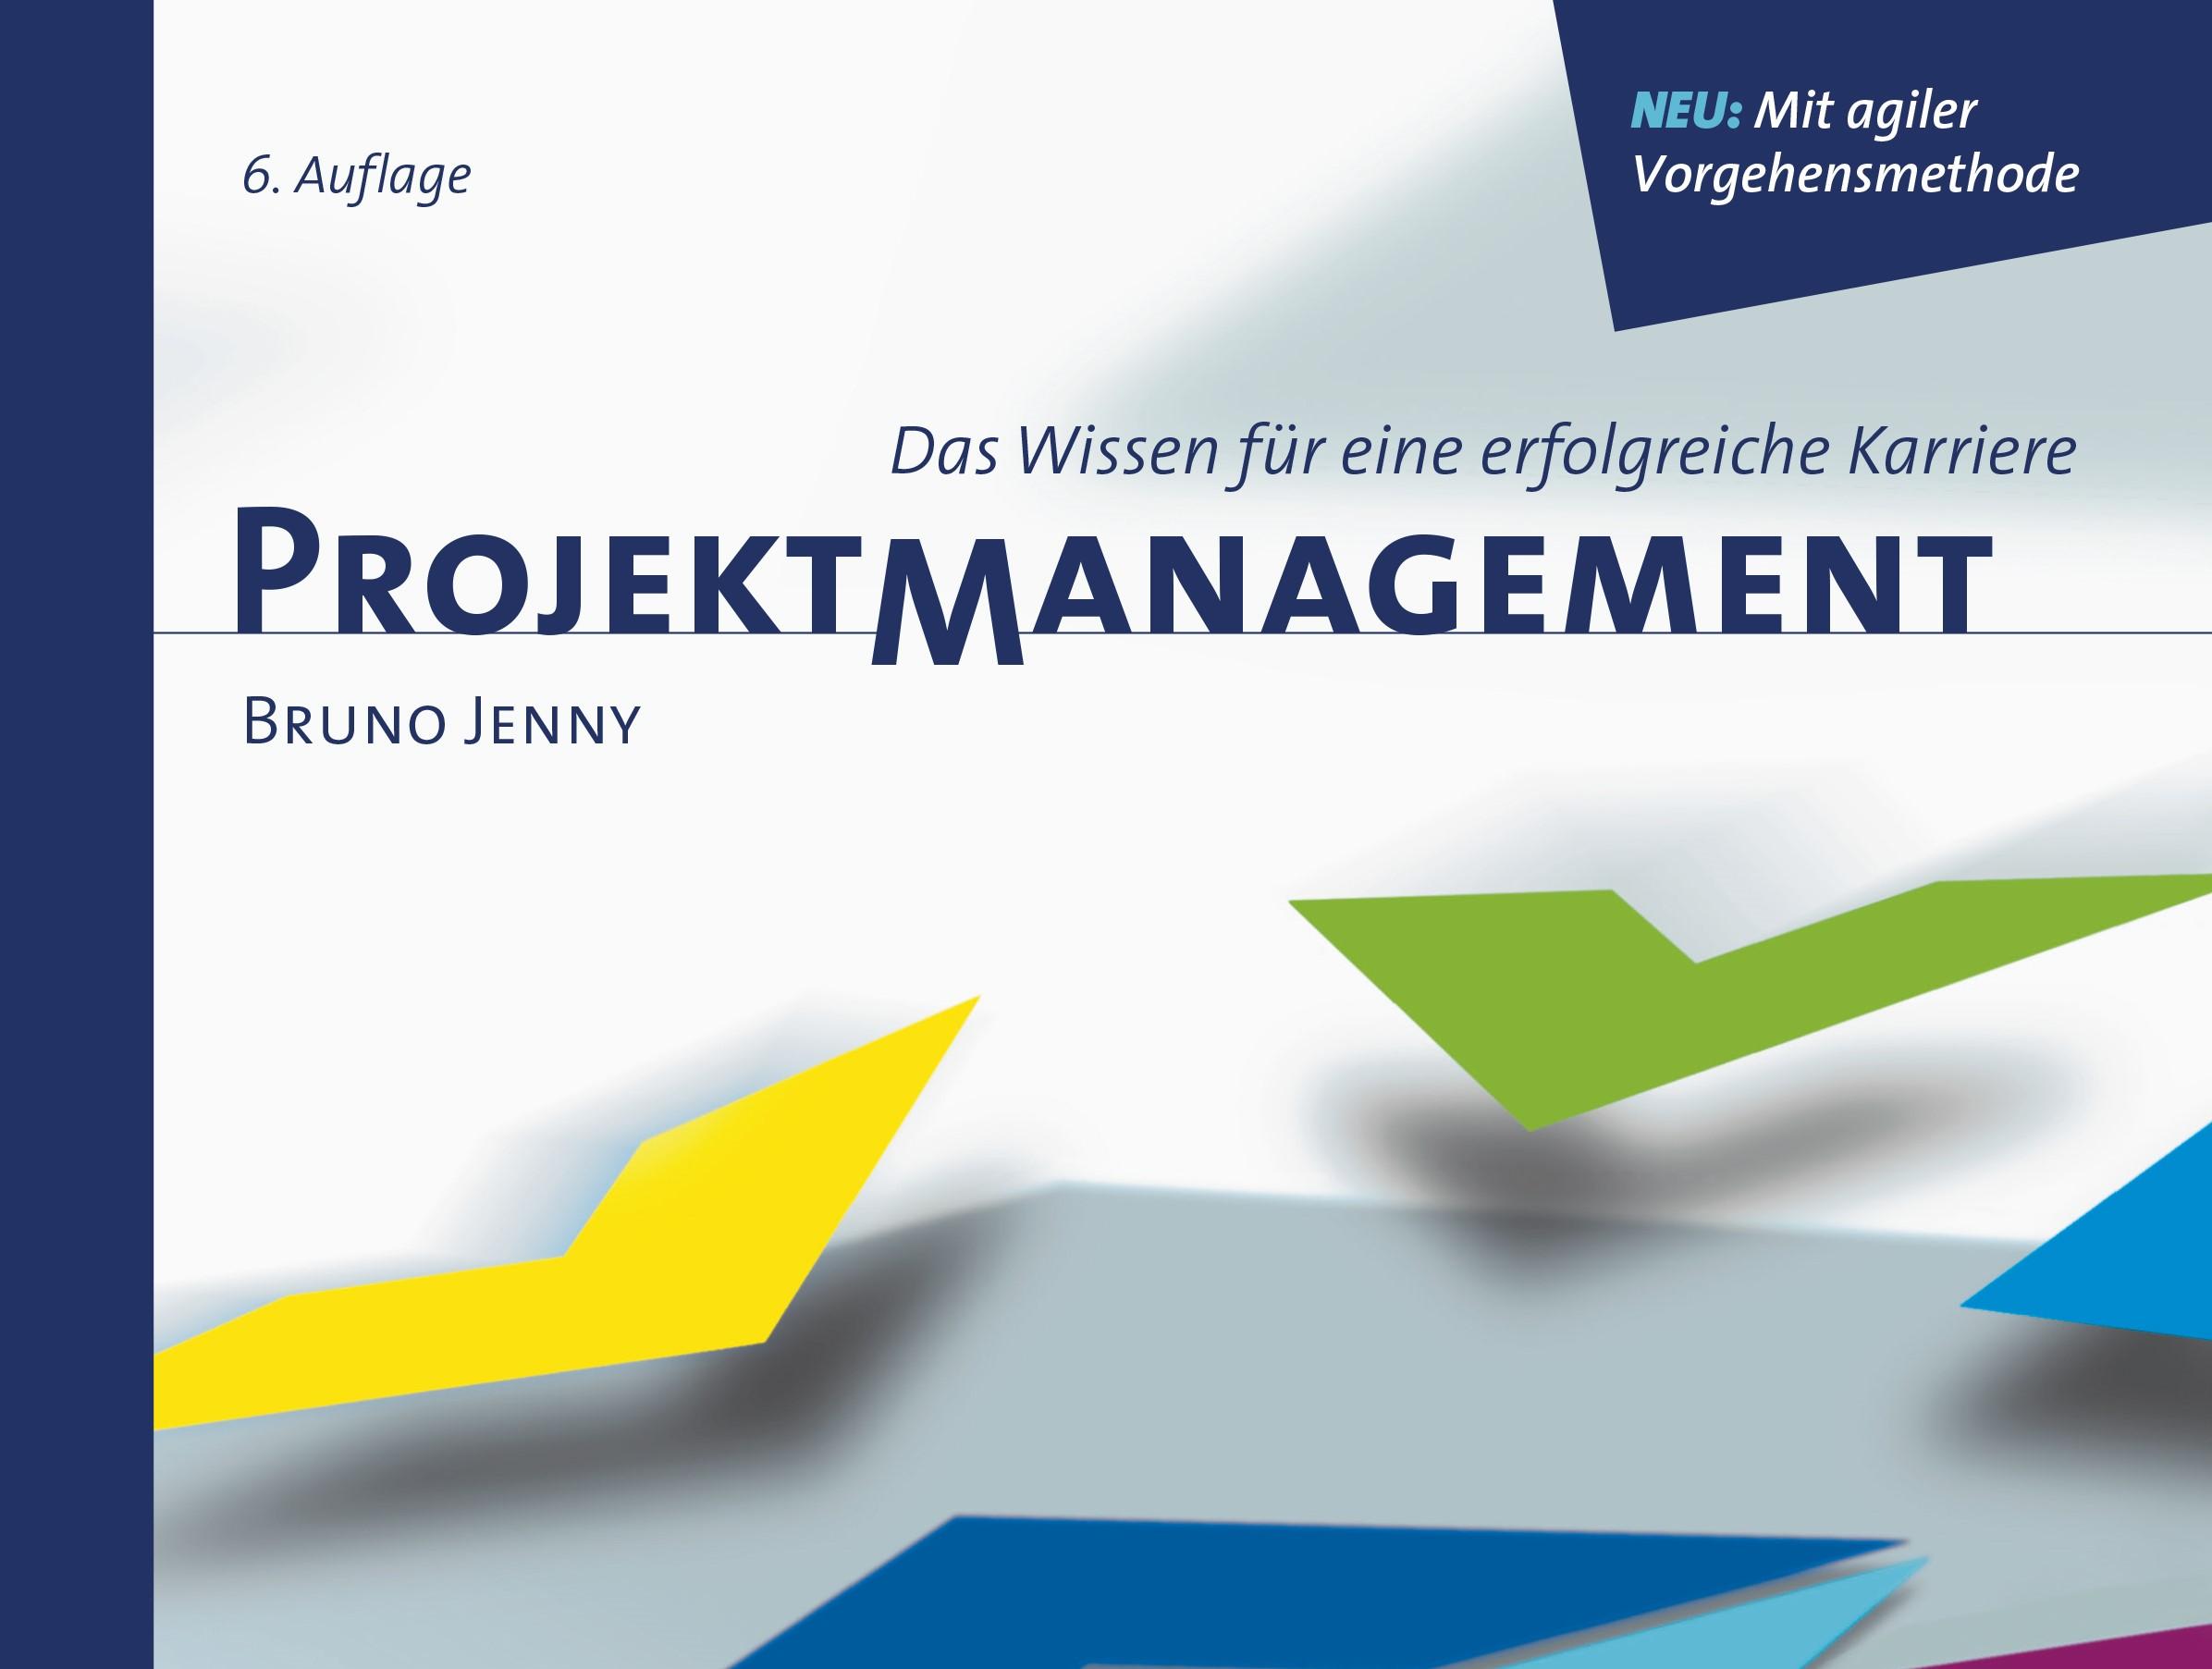 Agile Projektabwicklung im Kapitel 5 der 6. Auflage